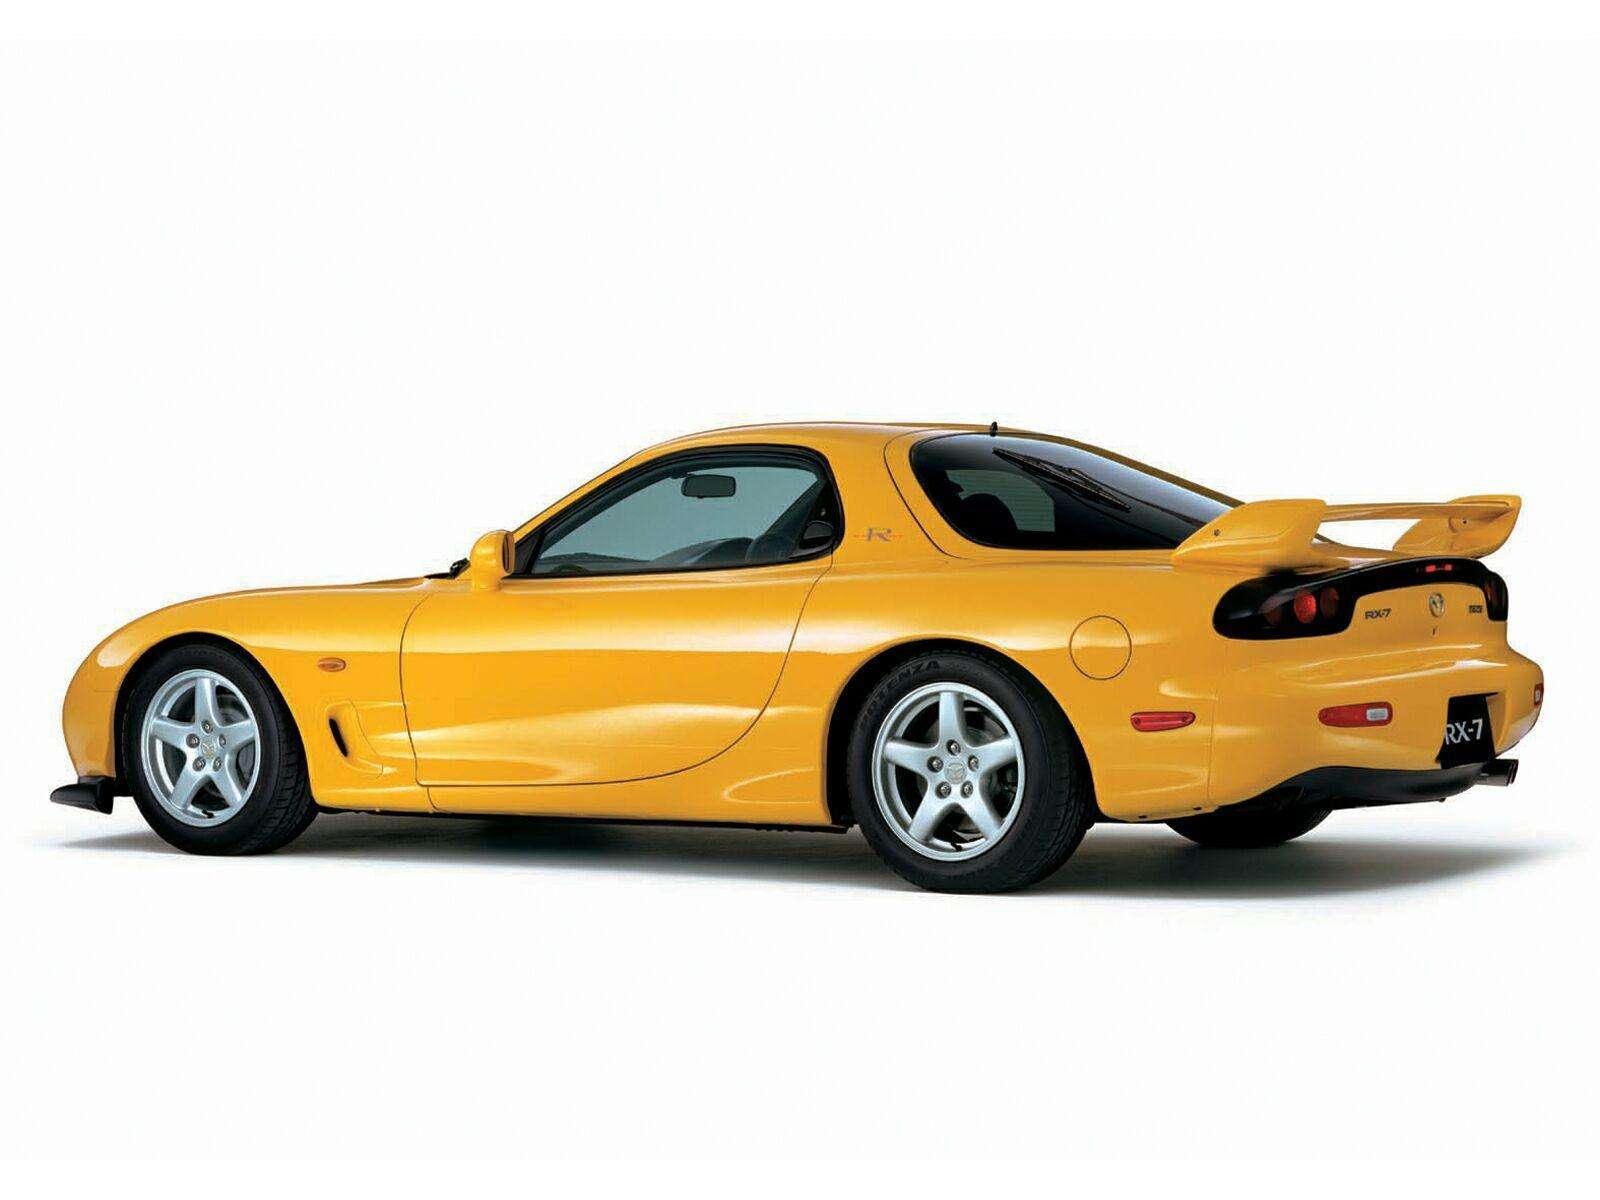 http://2.bp.blogspot.com/-1CCWBusXaFU/TgomR3Ab8yI/AAAAAAAAArA/VoRUD_7ZtCg/s1600/Mazda-RX7_1999_1600x1200_wallpaper_07.jpg